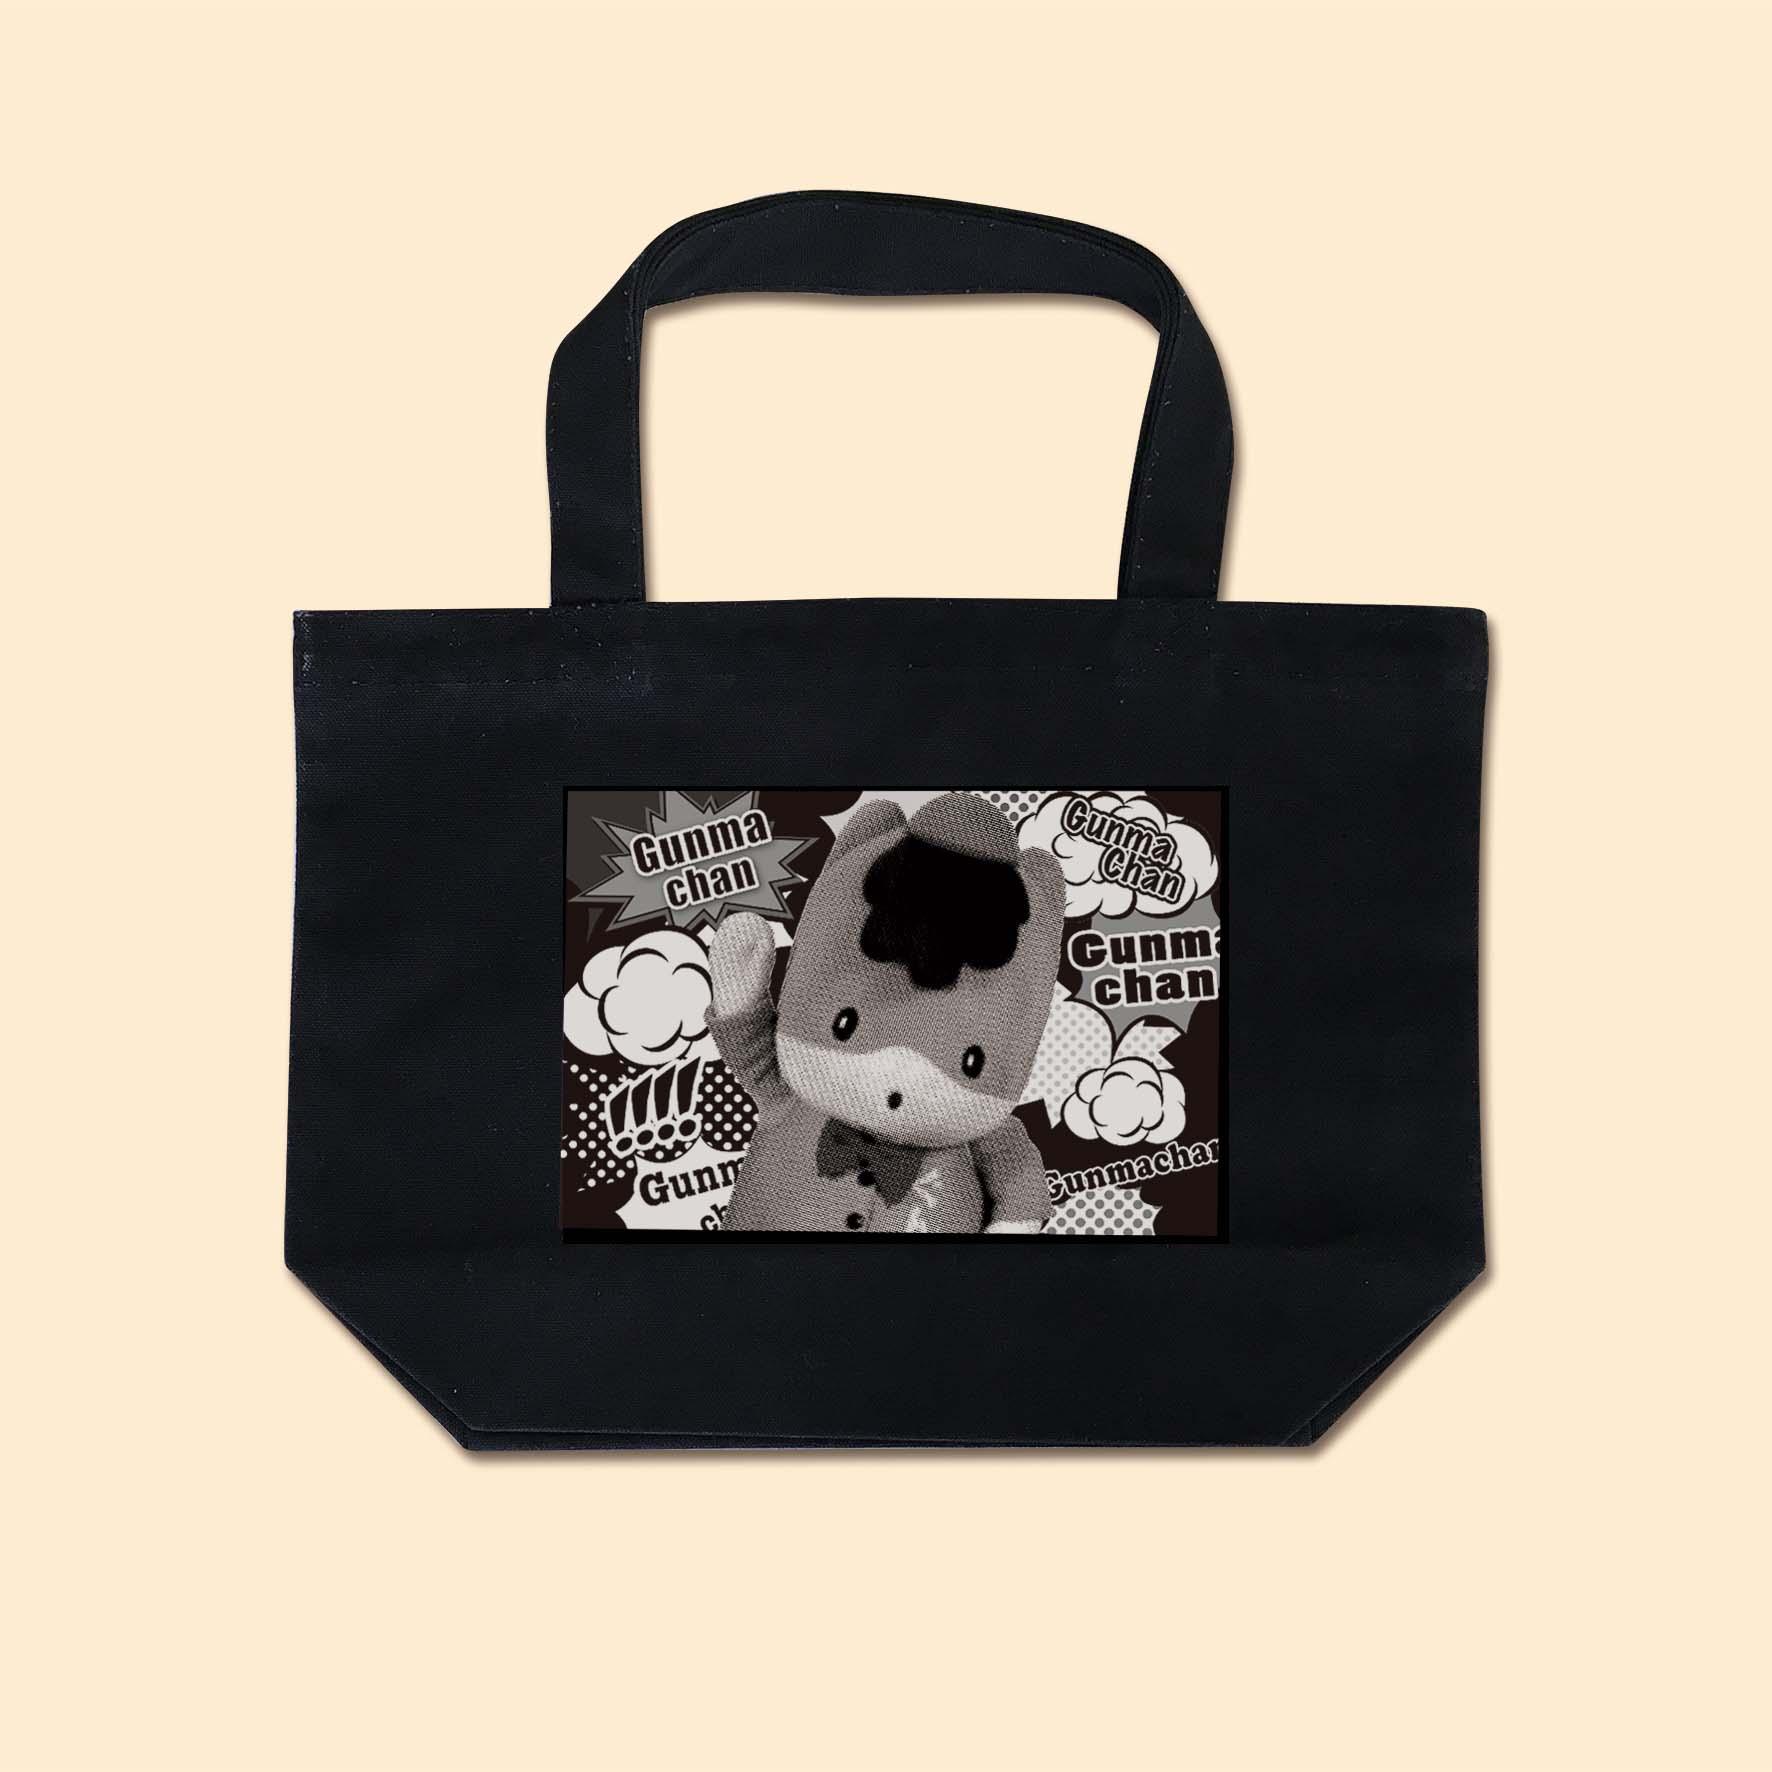 【お買い物に♪】ぐんまちゃんトートバッグ(リアル)Sサイズ